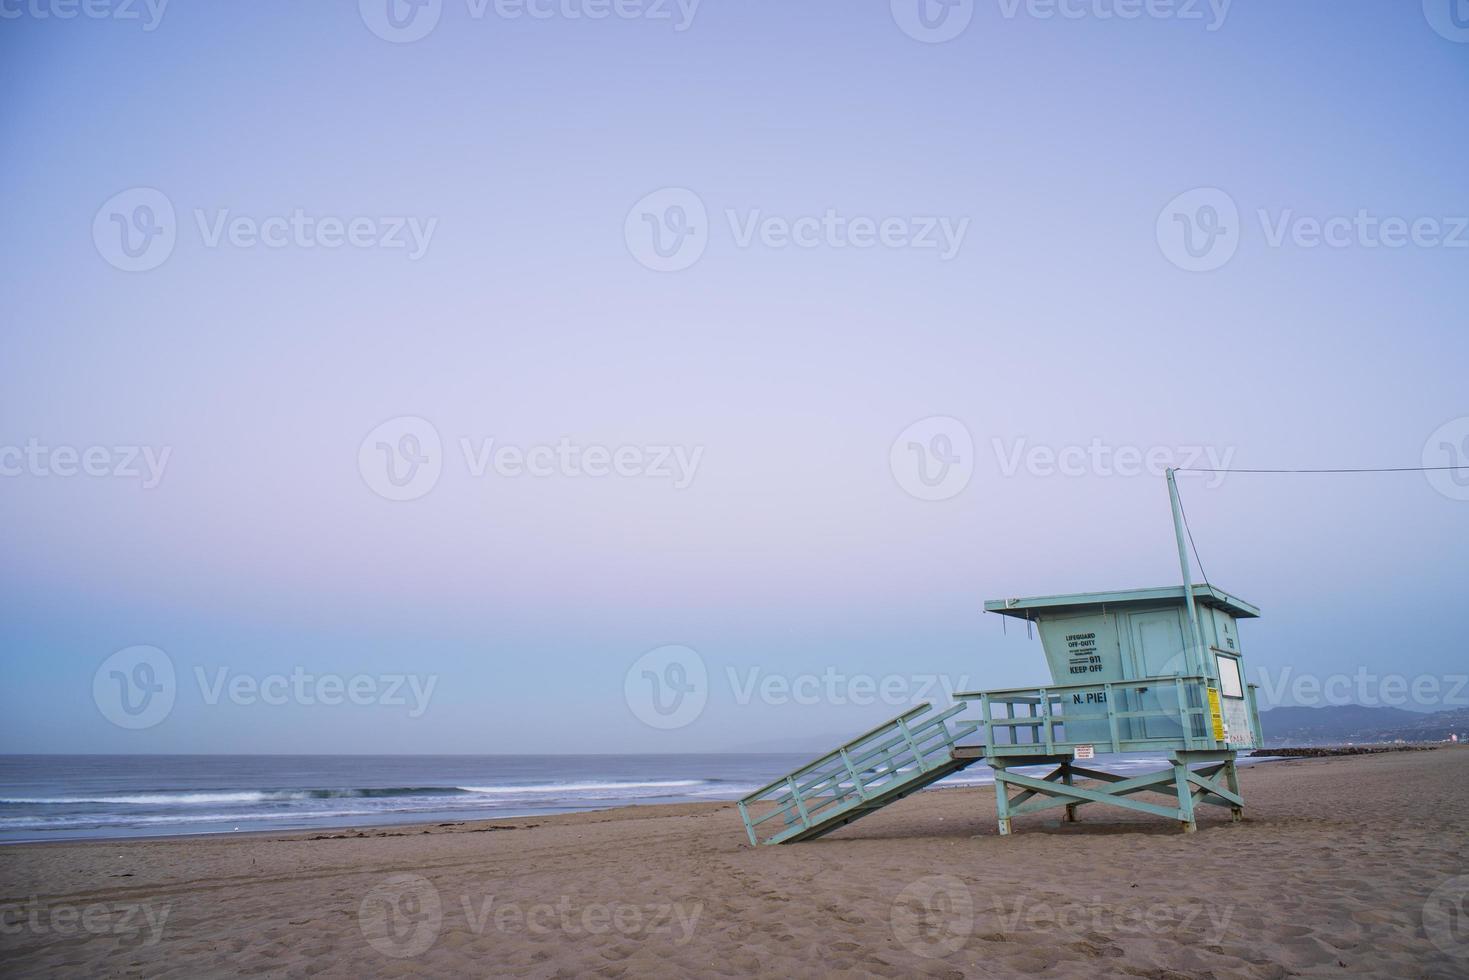 Choza de salvavidas de playa de Venecia 2 foto